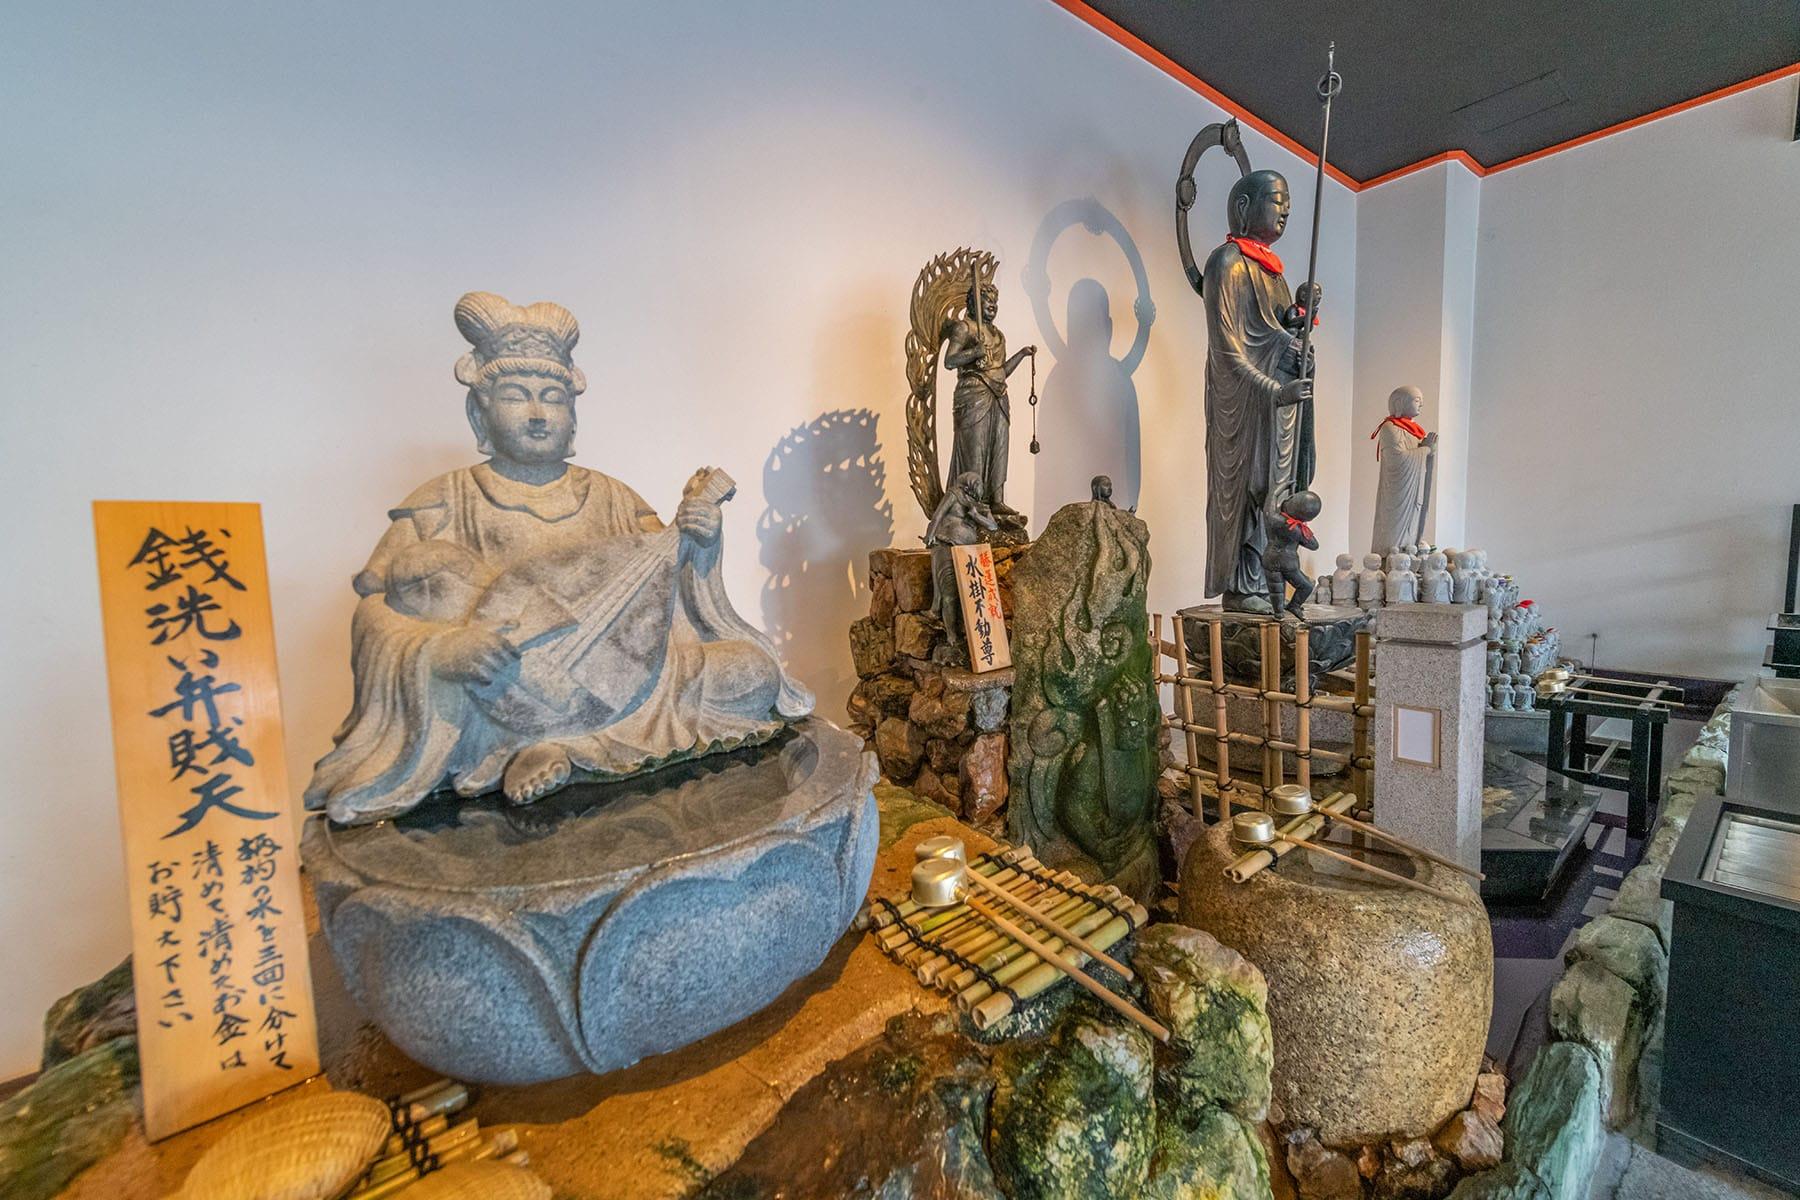 西国札所 第17番【補陀洛山・六波羅蜜寺】 | フォトさいたま